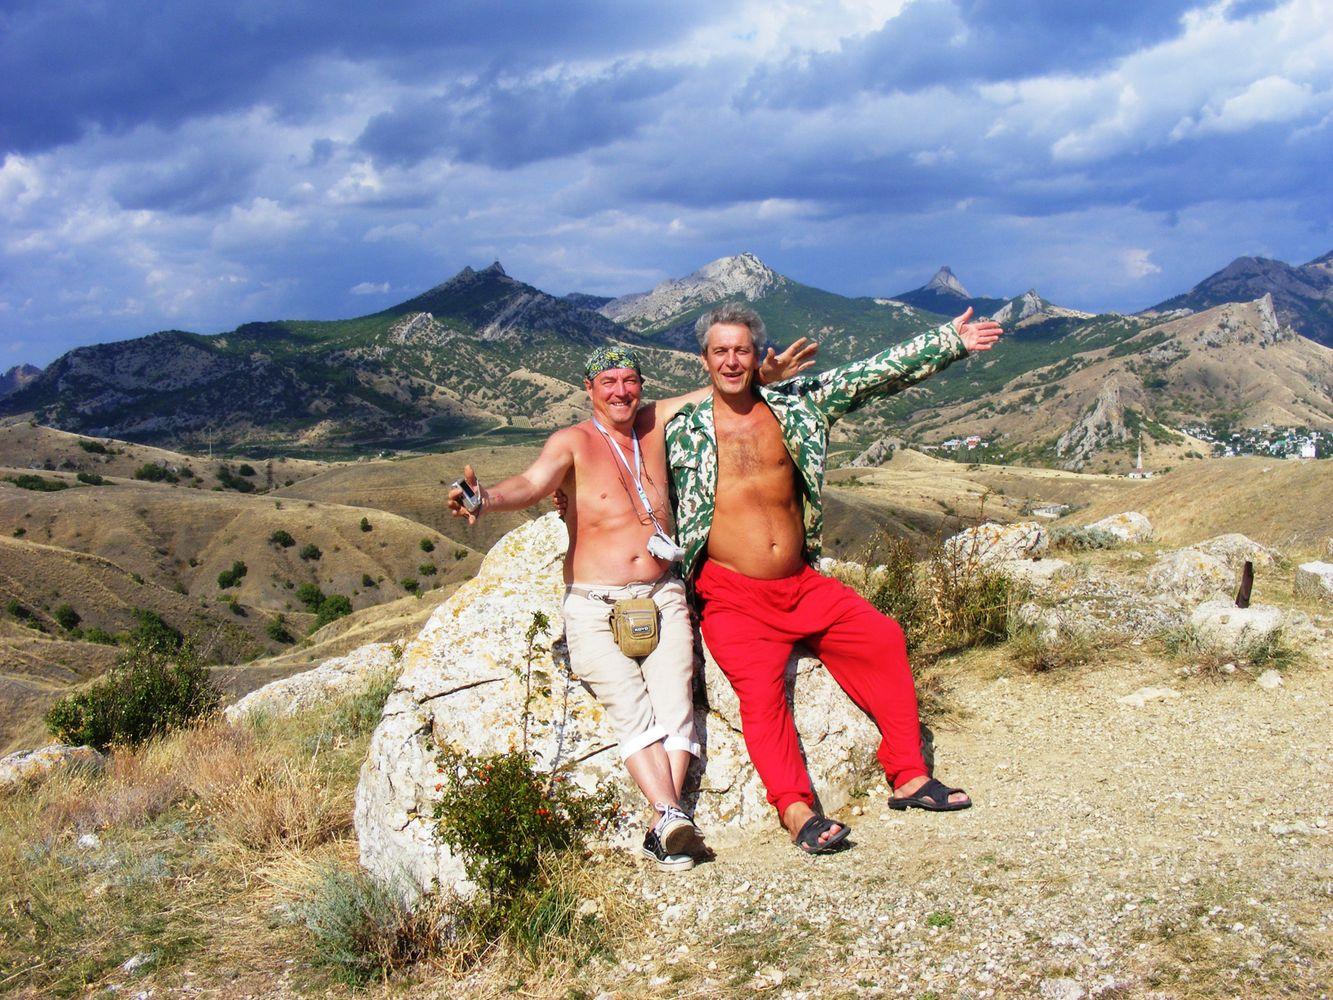 Индивидуальный тур, встречаем в горах